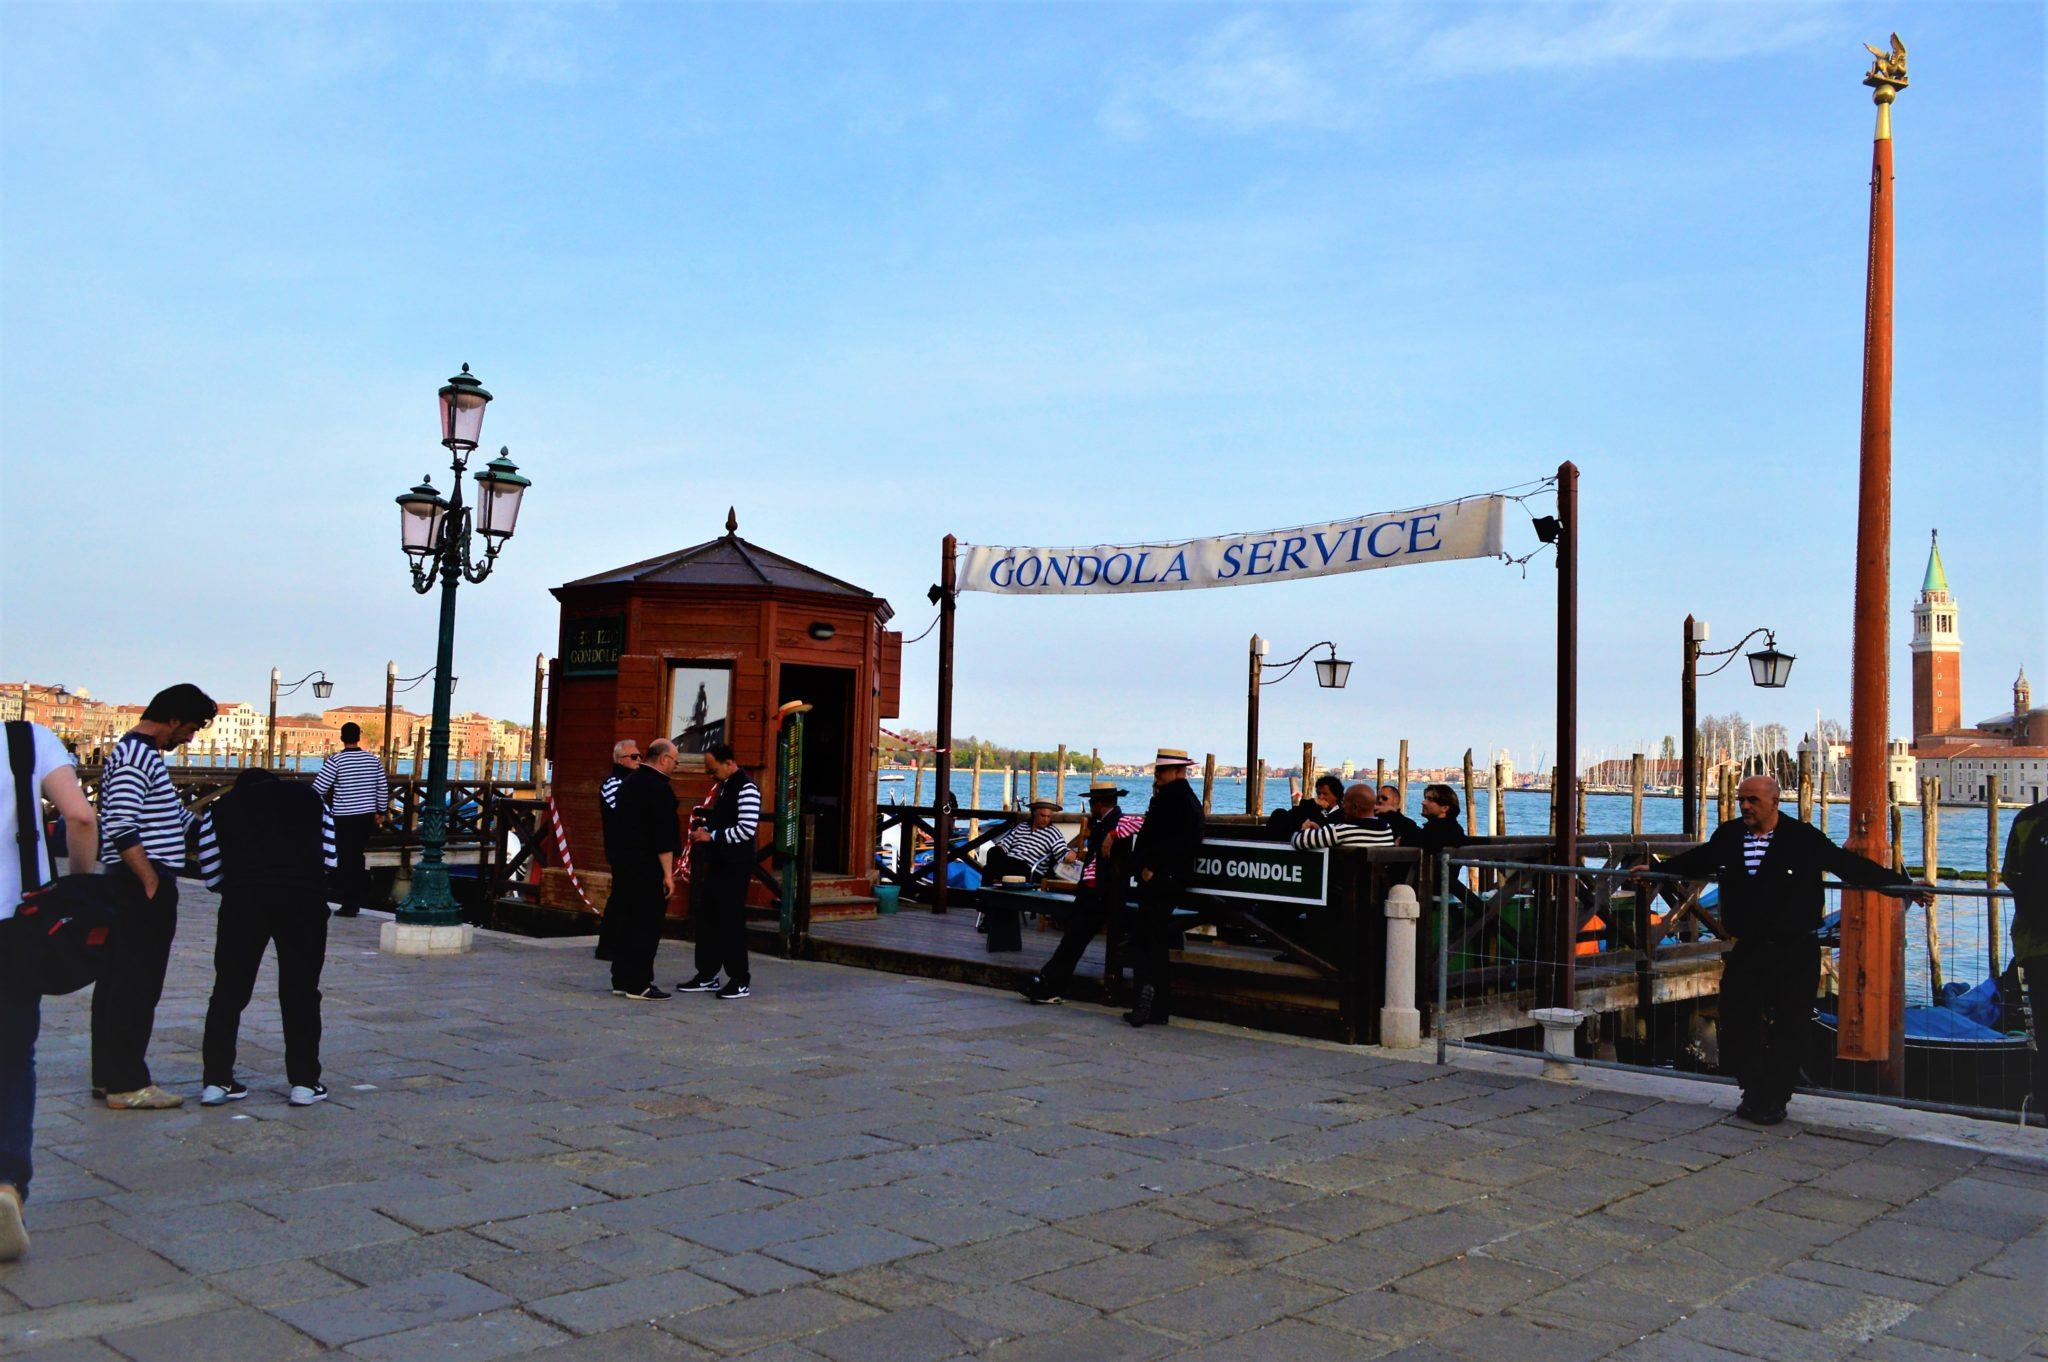 Gondola Service port, Venice, Italy